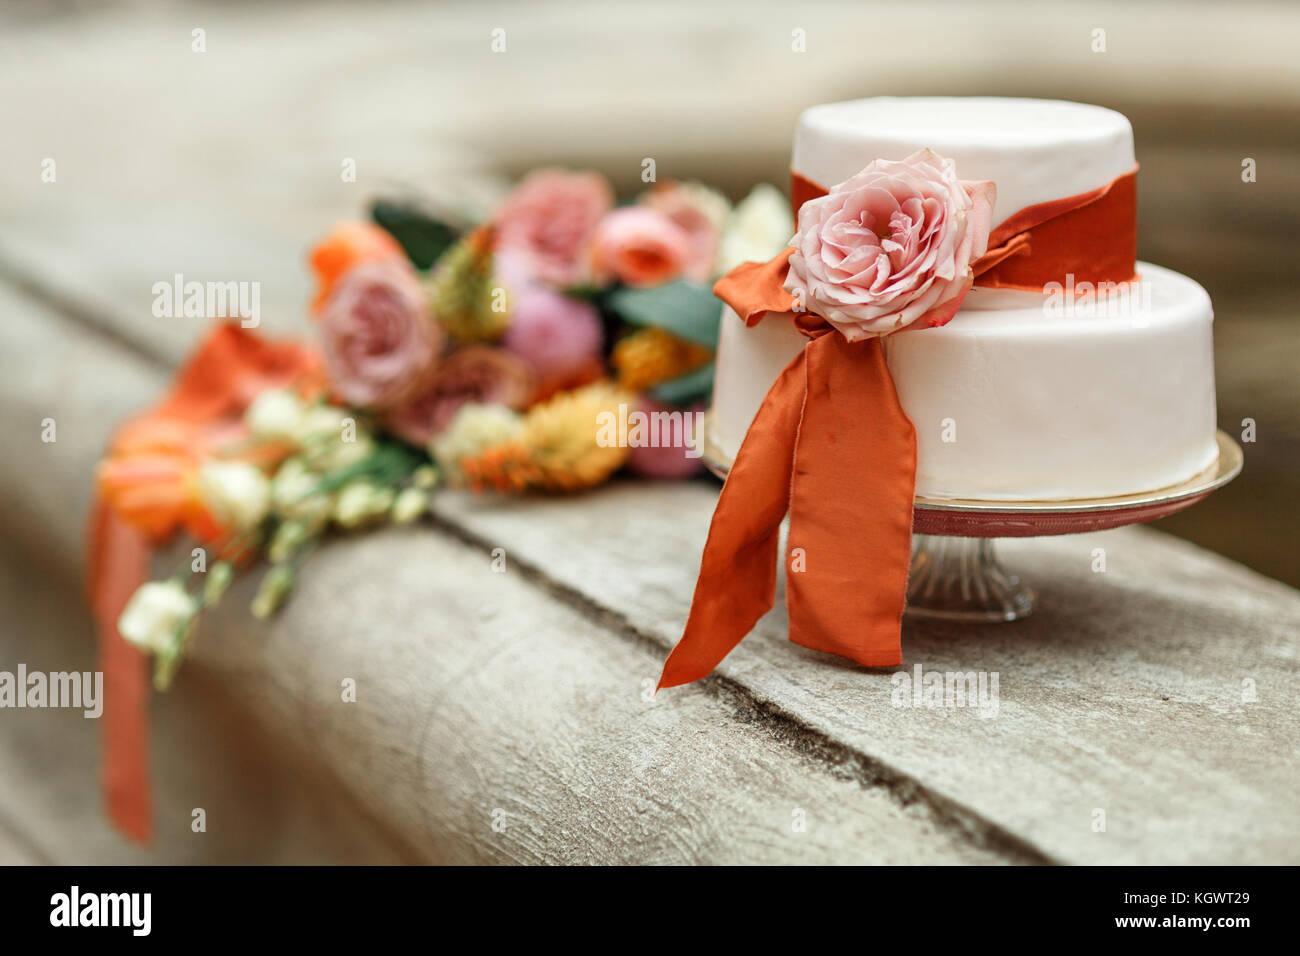 Weisse Hochzeitstorte mit rote Blume Stockbild